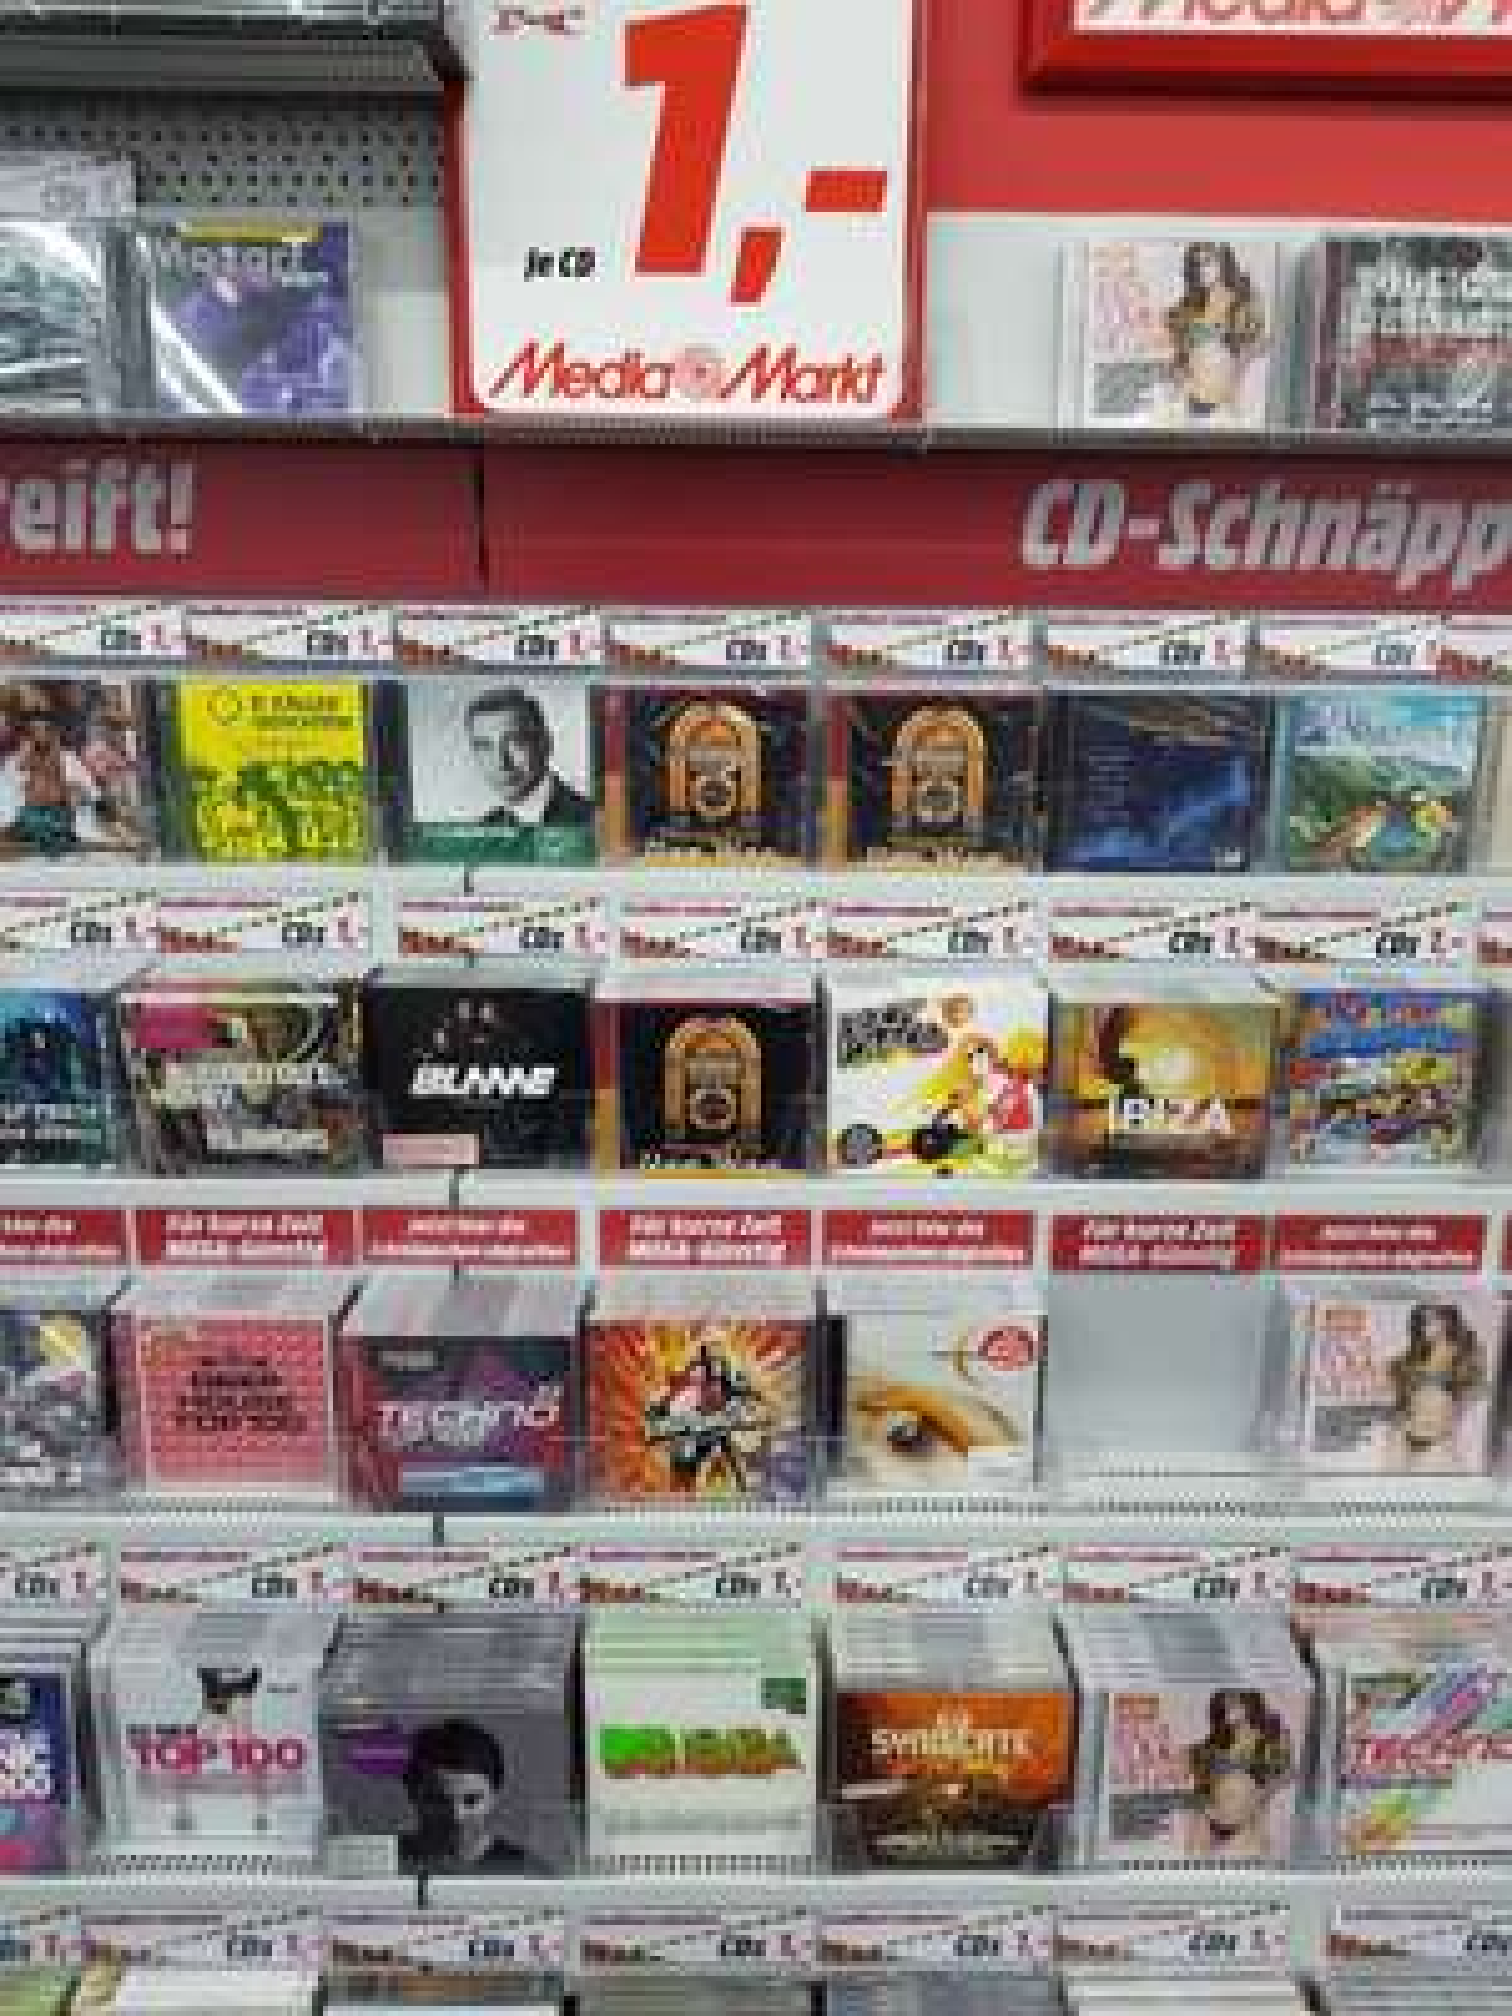 [Local] Mediamarkt Magdeburg  - 1€ für diverse CD's